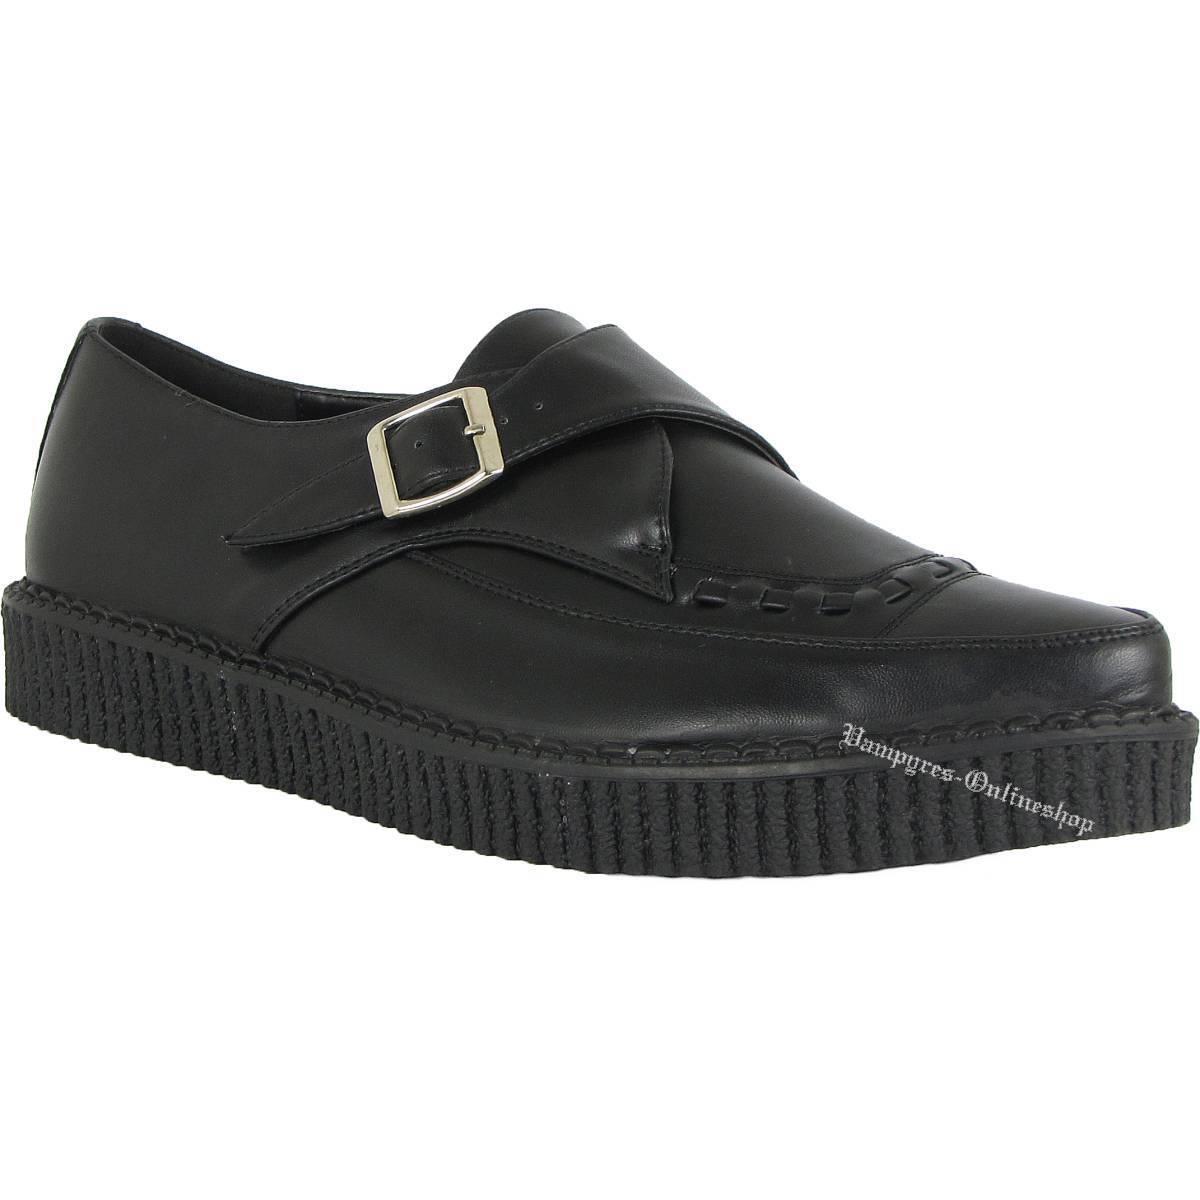 Los últimos zapatos de descuento para hombres y mujeres Industrial punk Creeper hebilla negro de cuero Creepers Buckle Black Noir Nero